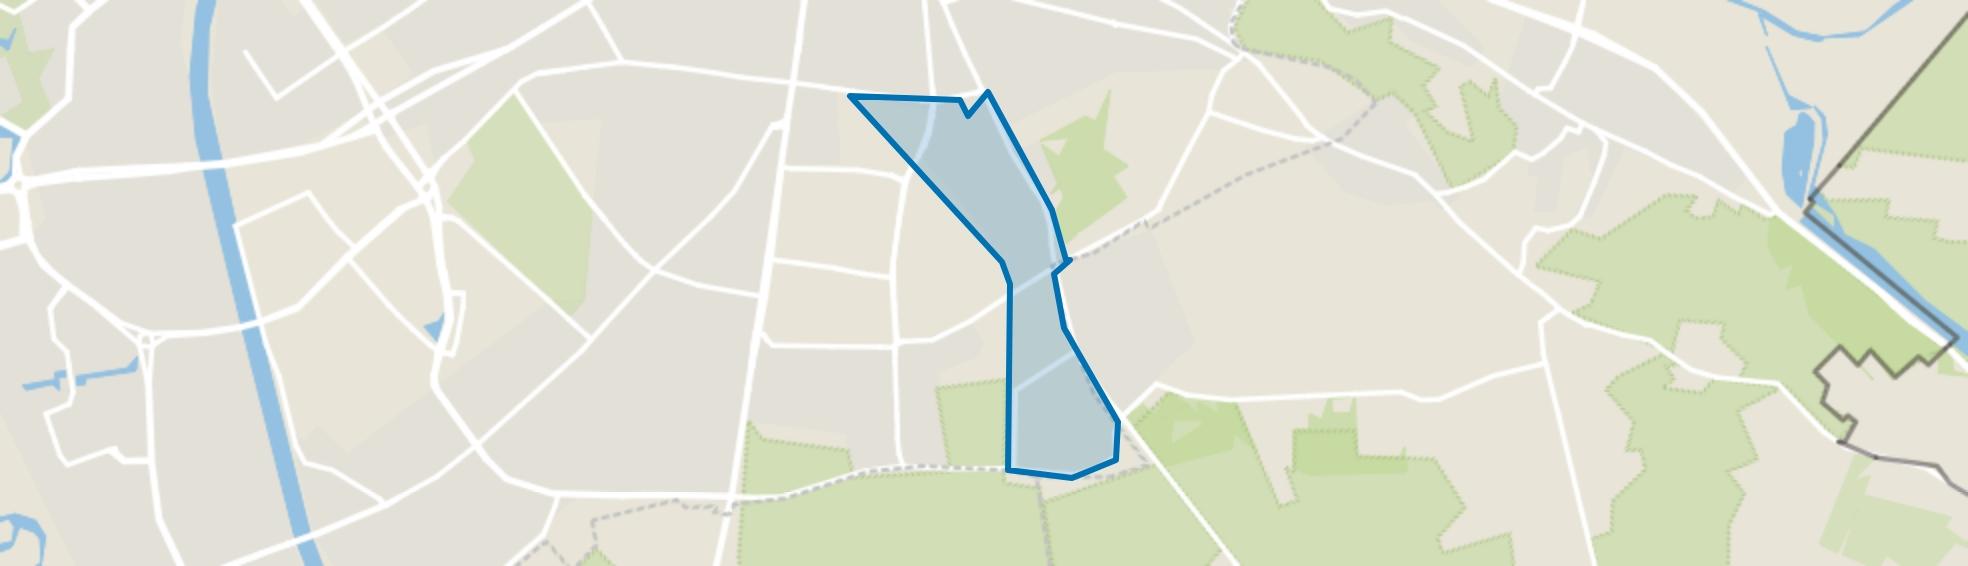 Groenewoud, Nijmegen map